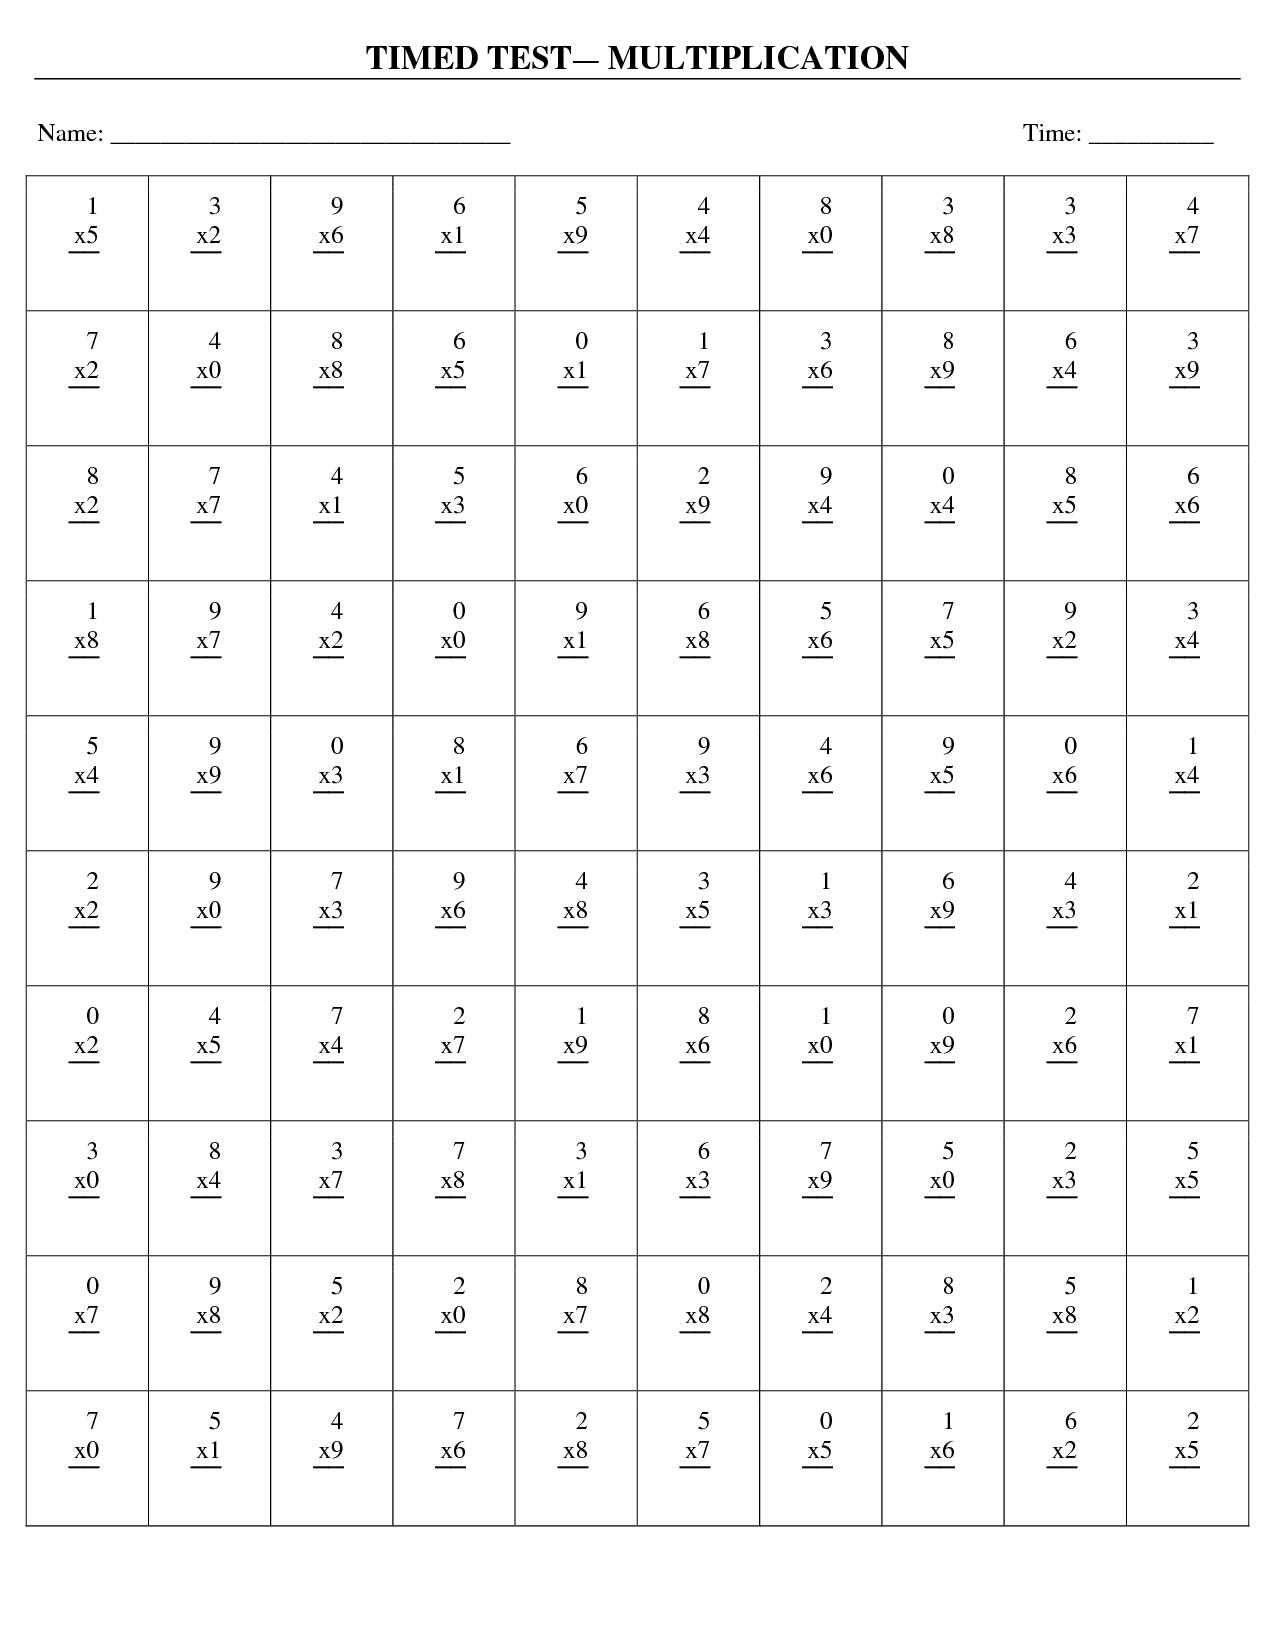 Multiplication Timed Test Worksheets matematyka